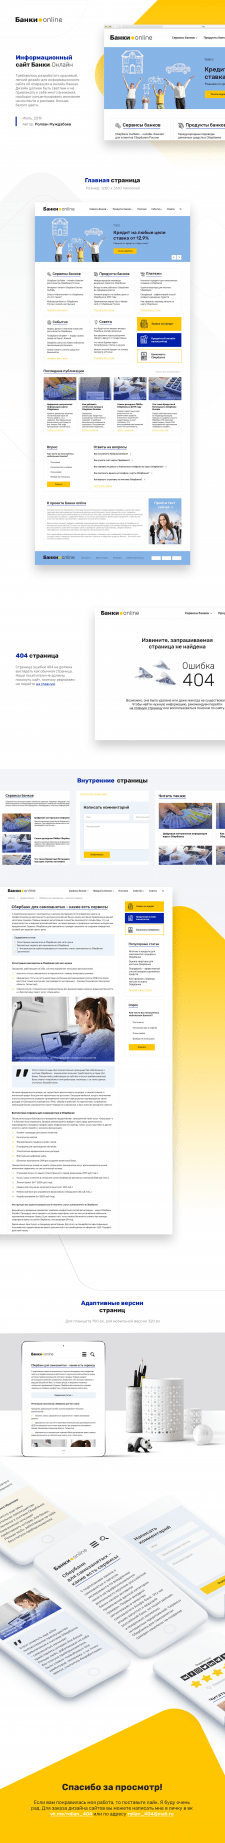 Информационный сайт - «Банки Онлайн»